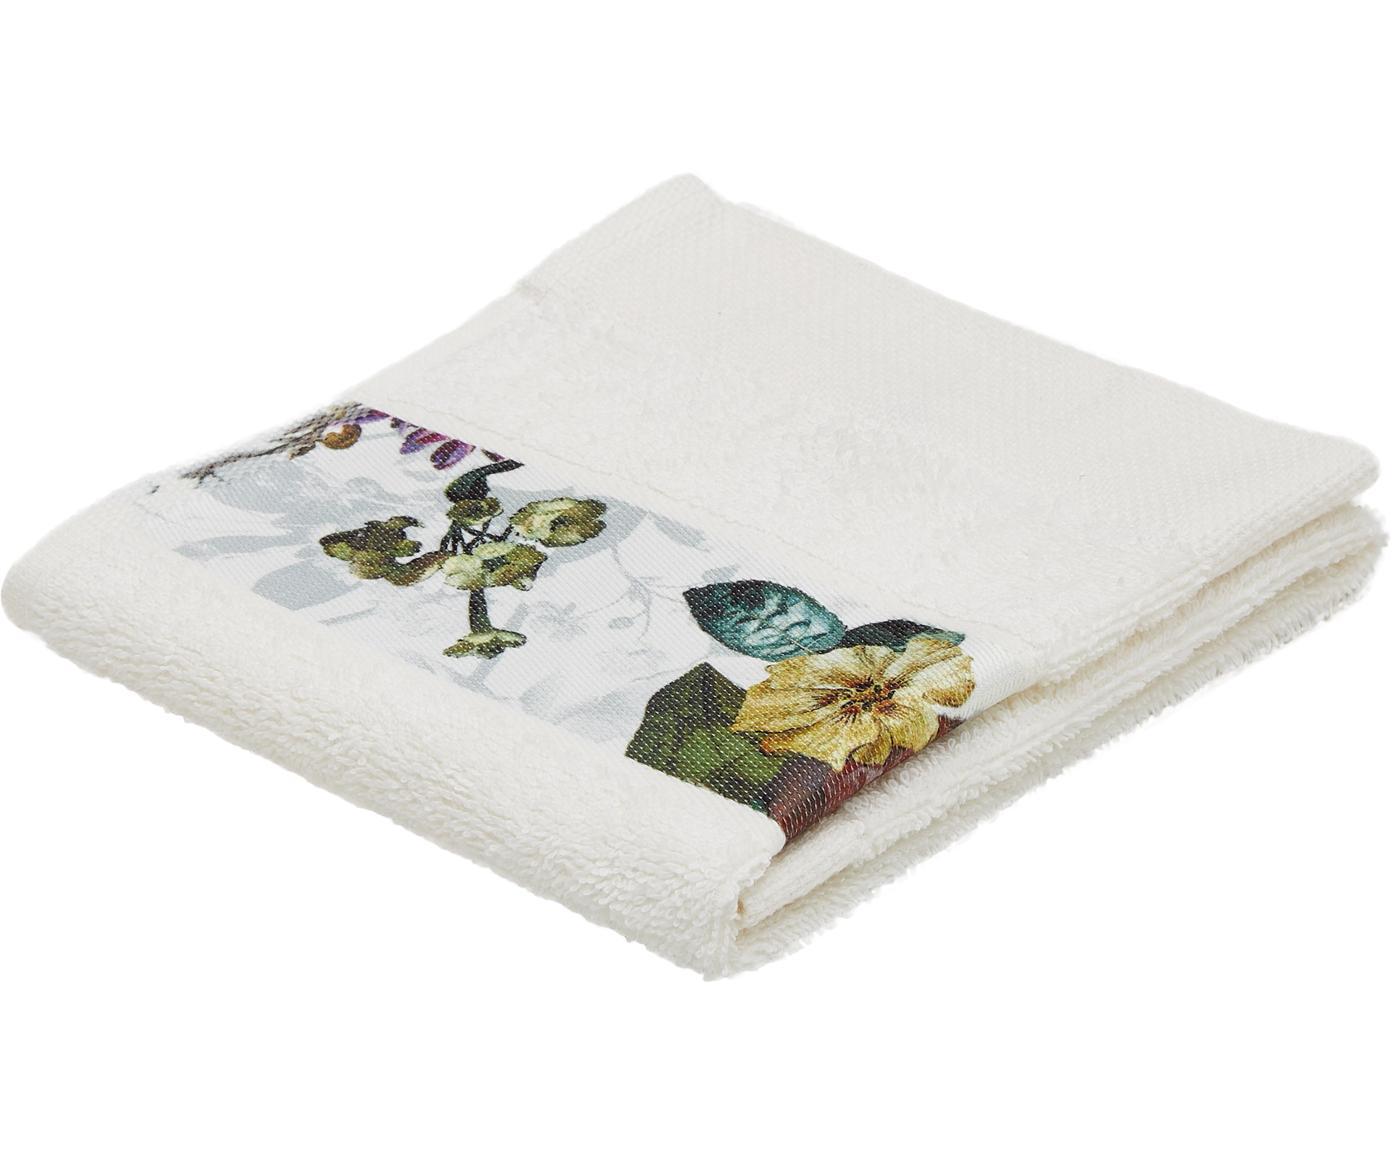 Ręcznik Fleur, 97% bawełna, 3% poliester, Kremowobiały, wielobarwny, Ręcznik dla gości